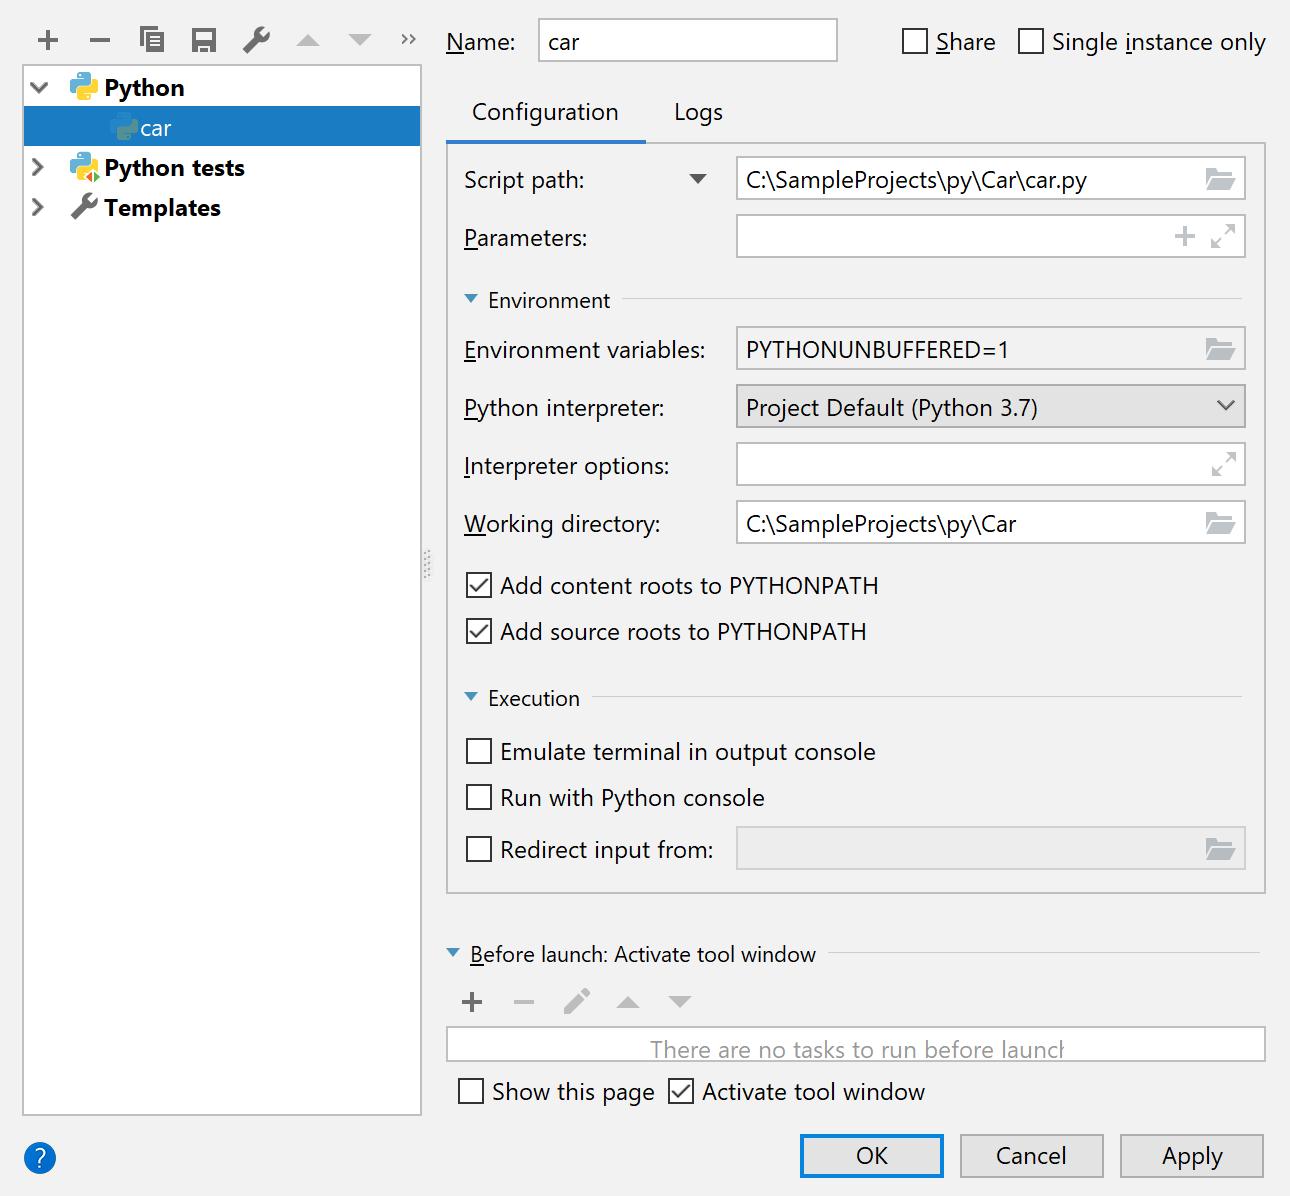 Run/Debug configuration